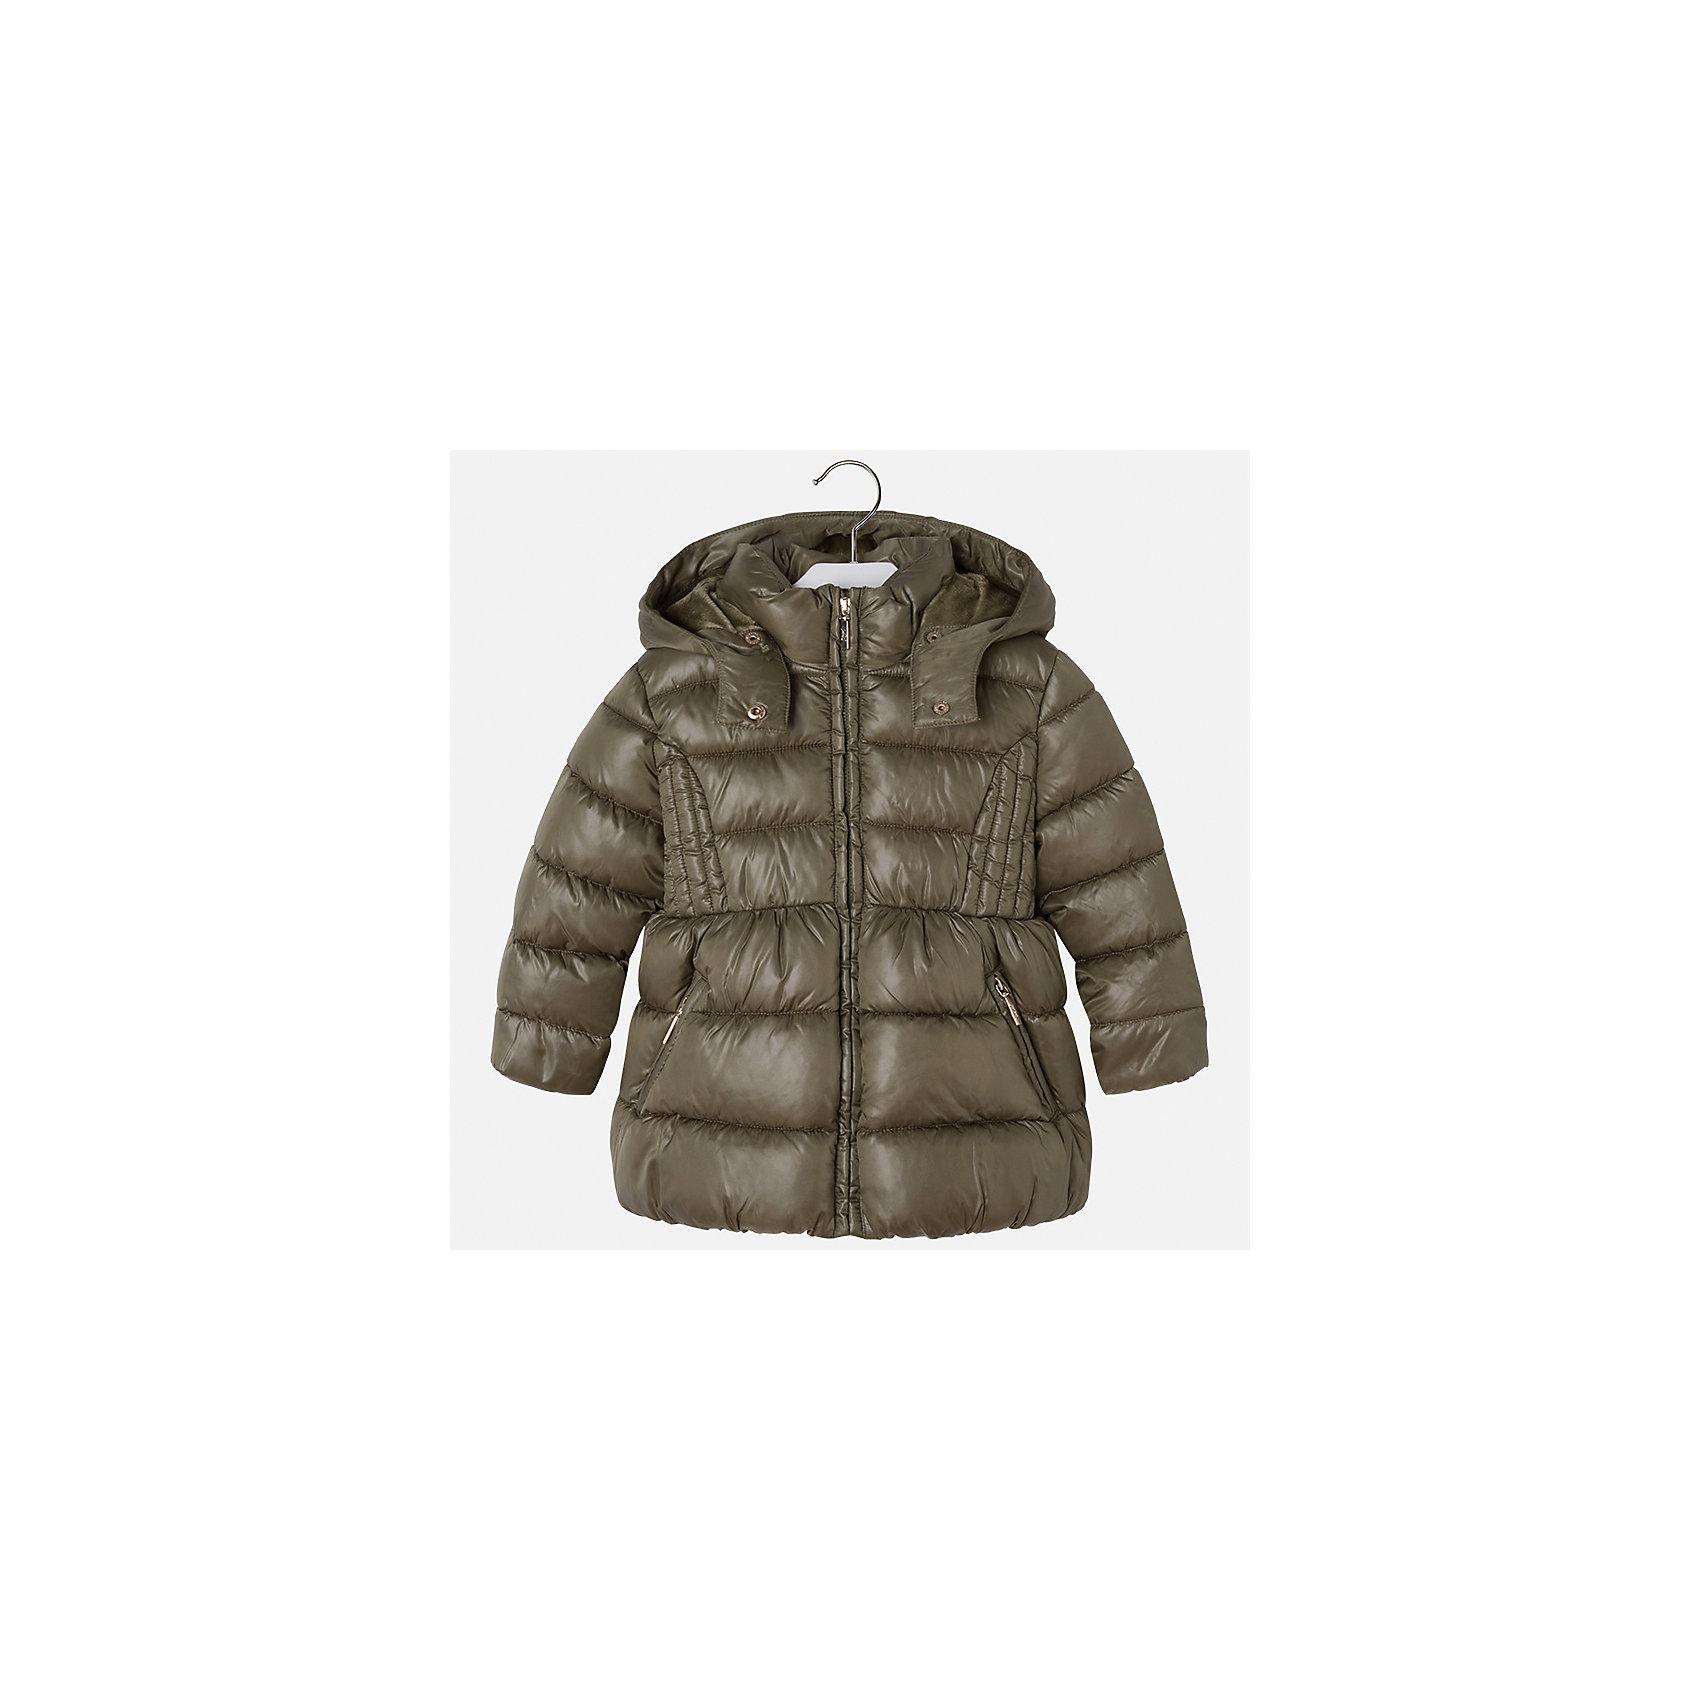 Куртка Mayoral для девочкиВерхняя одежда<br>Характеристики товара:<br><br>• цвет: зеленый<br>• состав ткани: 100% полиэстер<br>• подкладка: 100% полиэстер<br>• утеплитель: 100% полиэстер<br>• сезон: демисезон<br>• температурный режим: от -10 до +10<br>• особенности куртки: дутая, с капюшоном<br>• капюшон: съемный<br>• застежка: молния<br>• страна бренда: Испания<br>• страна изготовитель: Индия<br><br>Модная демисезонная куртка для девочки от Майорал подарит ребенку комфорт и тепло. Детская куртка с капюшоном отличается модным и продуманным дизайном. В куртке для девочки от испанской компании Майорал ребенок будет выглядеть модно, а чувствовать себя - комфортно. <br><br>Куртку для девочки Mayoral (Майорал) можно купить в нашем интернет-магазине.<br><br>Ширина мм: 356<br>Глубина мм: 10<br>Высота мм: 245<br>Вес г: 519<br>Цвет: зеленый<br>Возраст от месяцев: 96<br>Возраст до месяцев: 108<br>Пол: Женский<br>Возраст: Детский<br>Размер: 134,92,98,104,110,116,122,128<br>SKU: 6920088